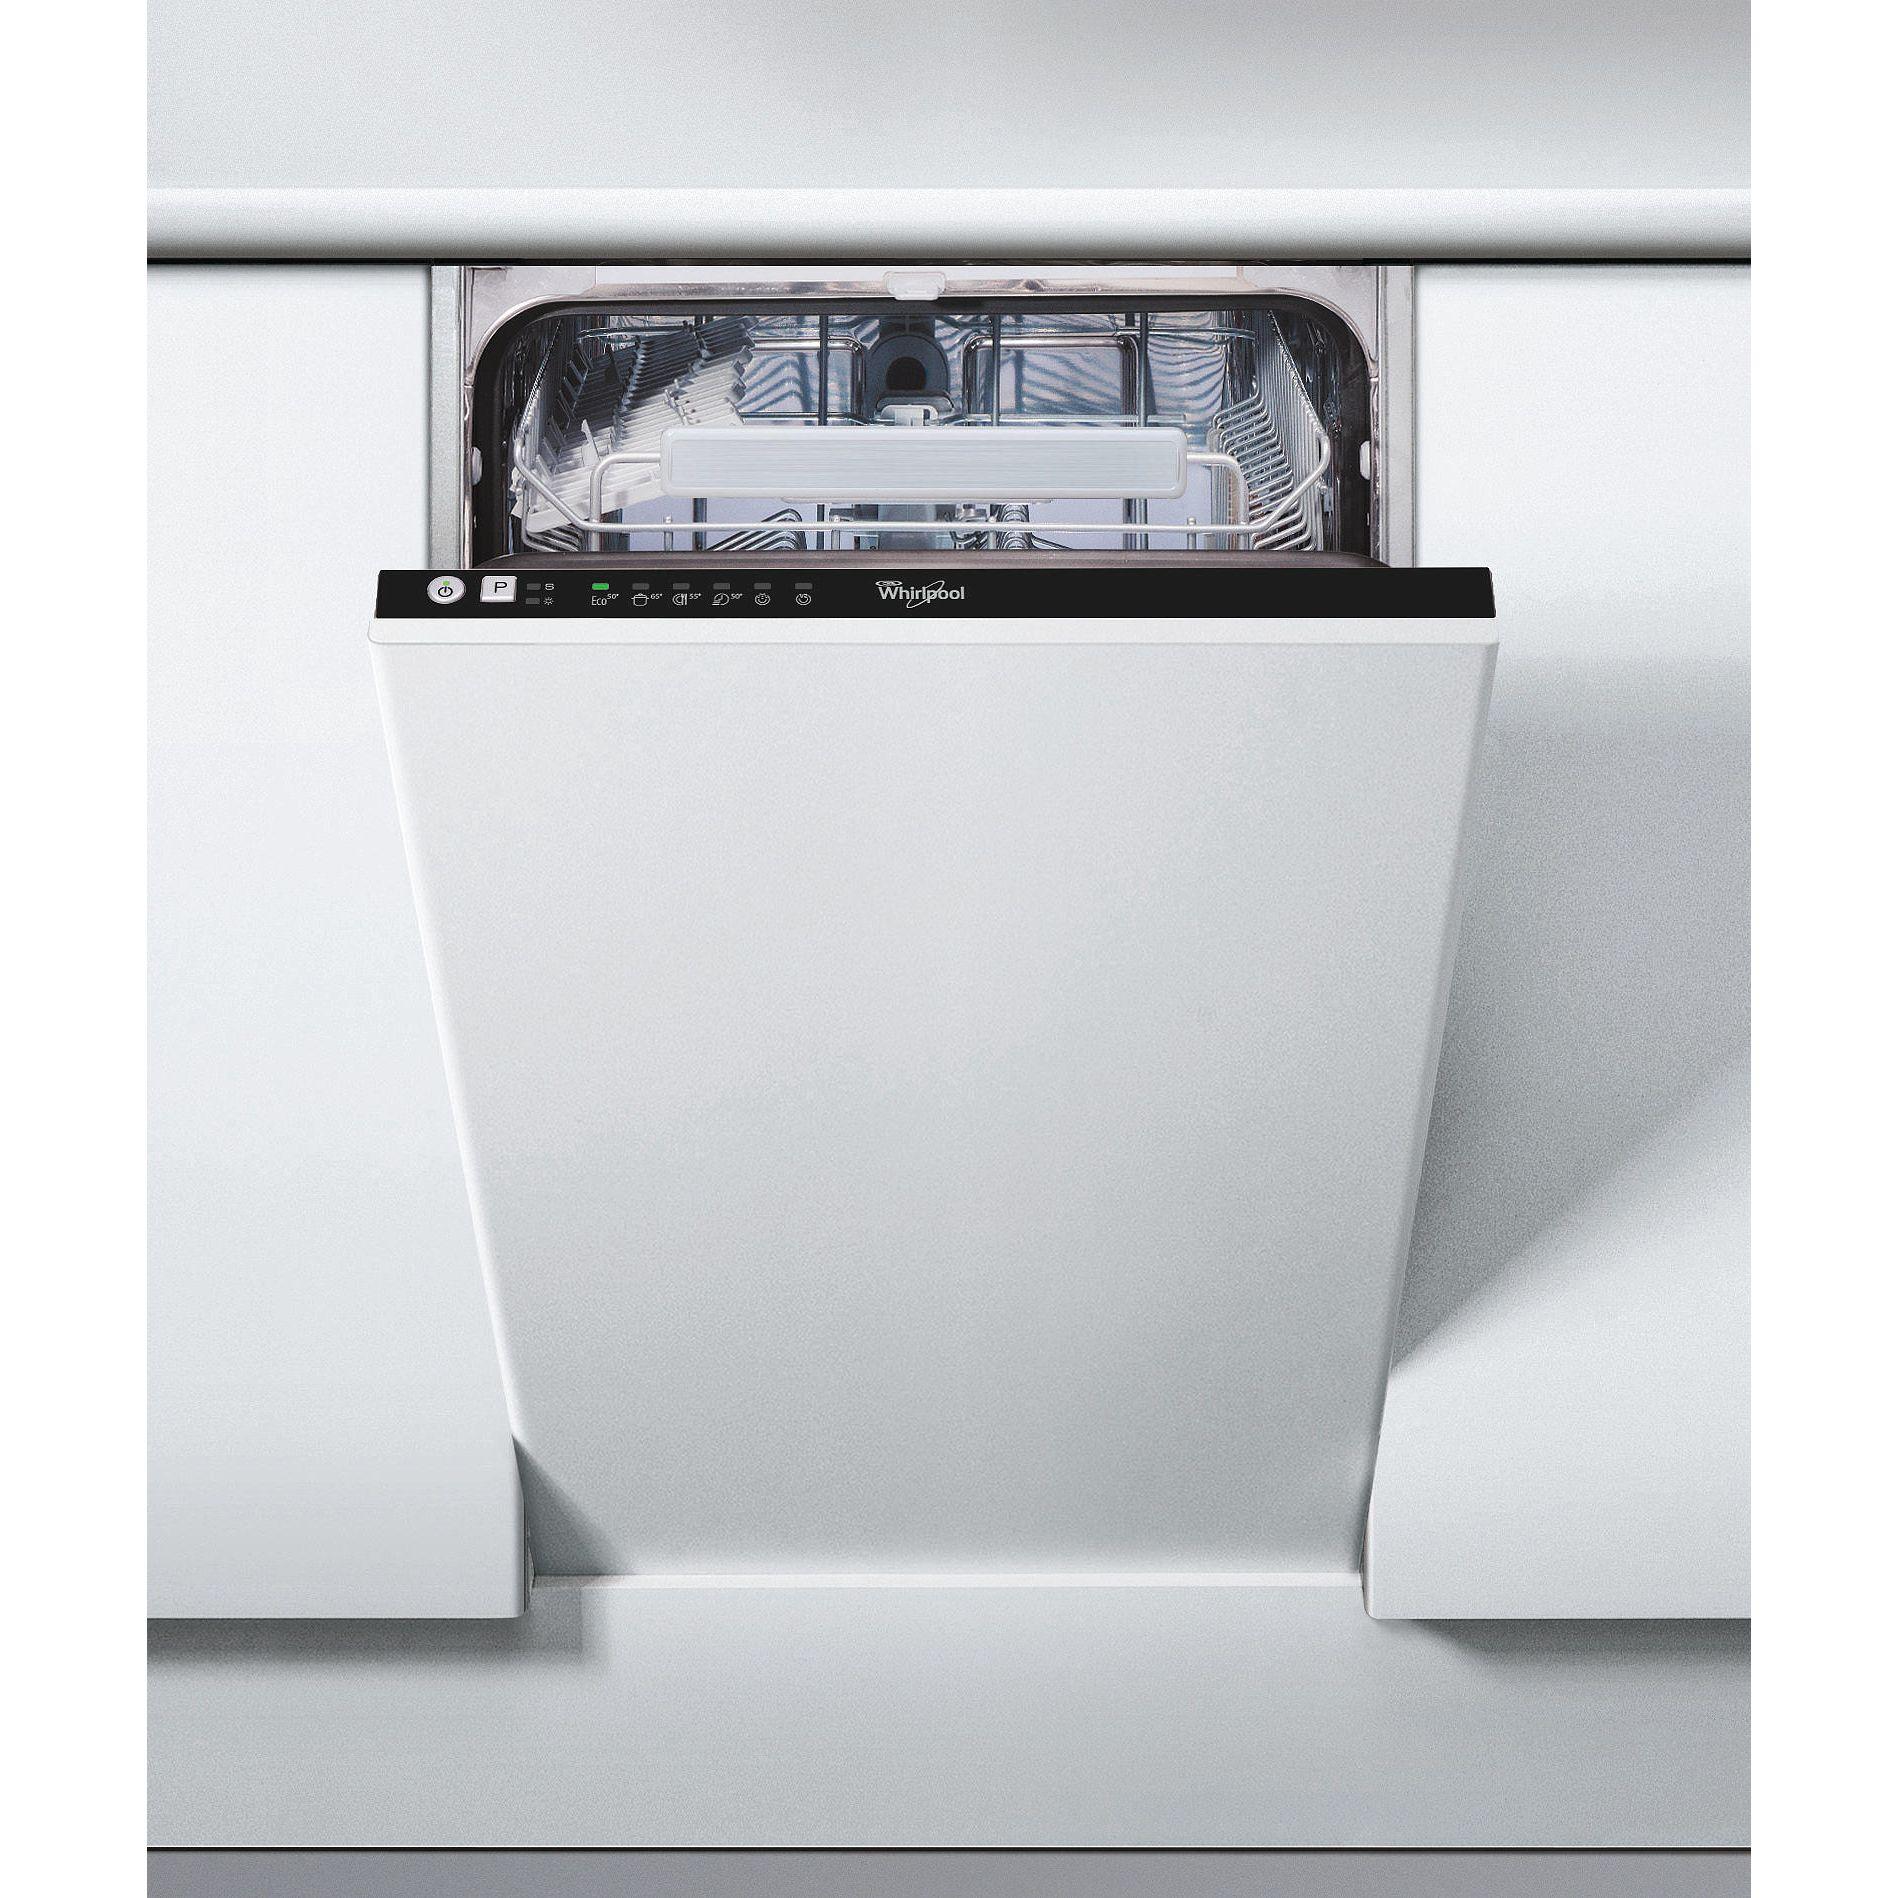 Съдомиялна машина за вграждане Whirlpool ADG 201, 10 комплекта, 6 програми, Клас A+ ,45 cм